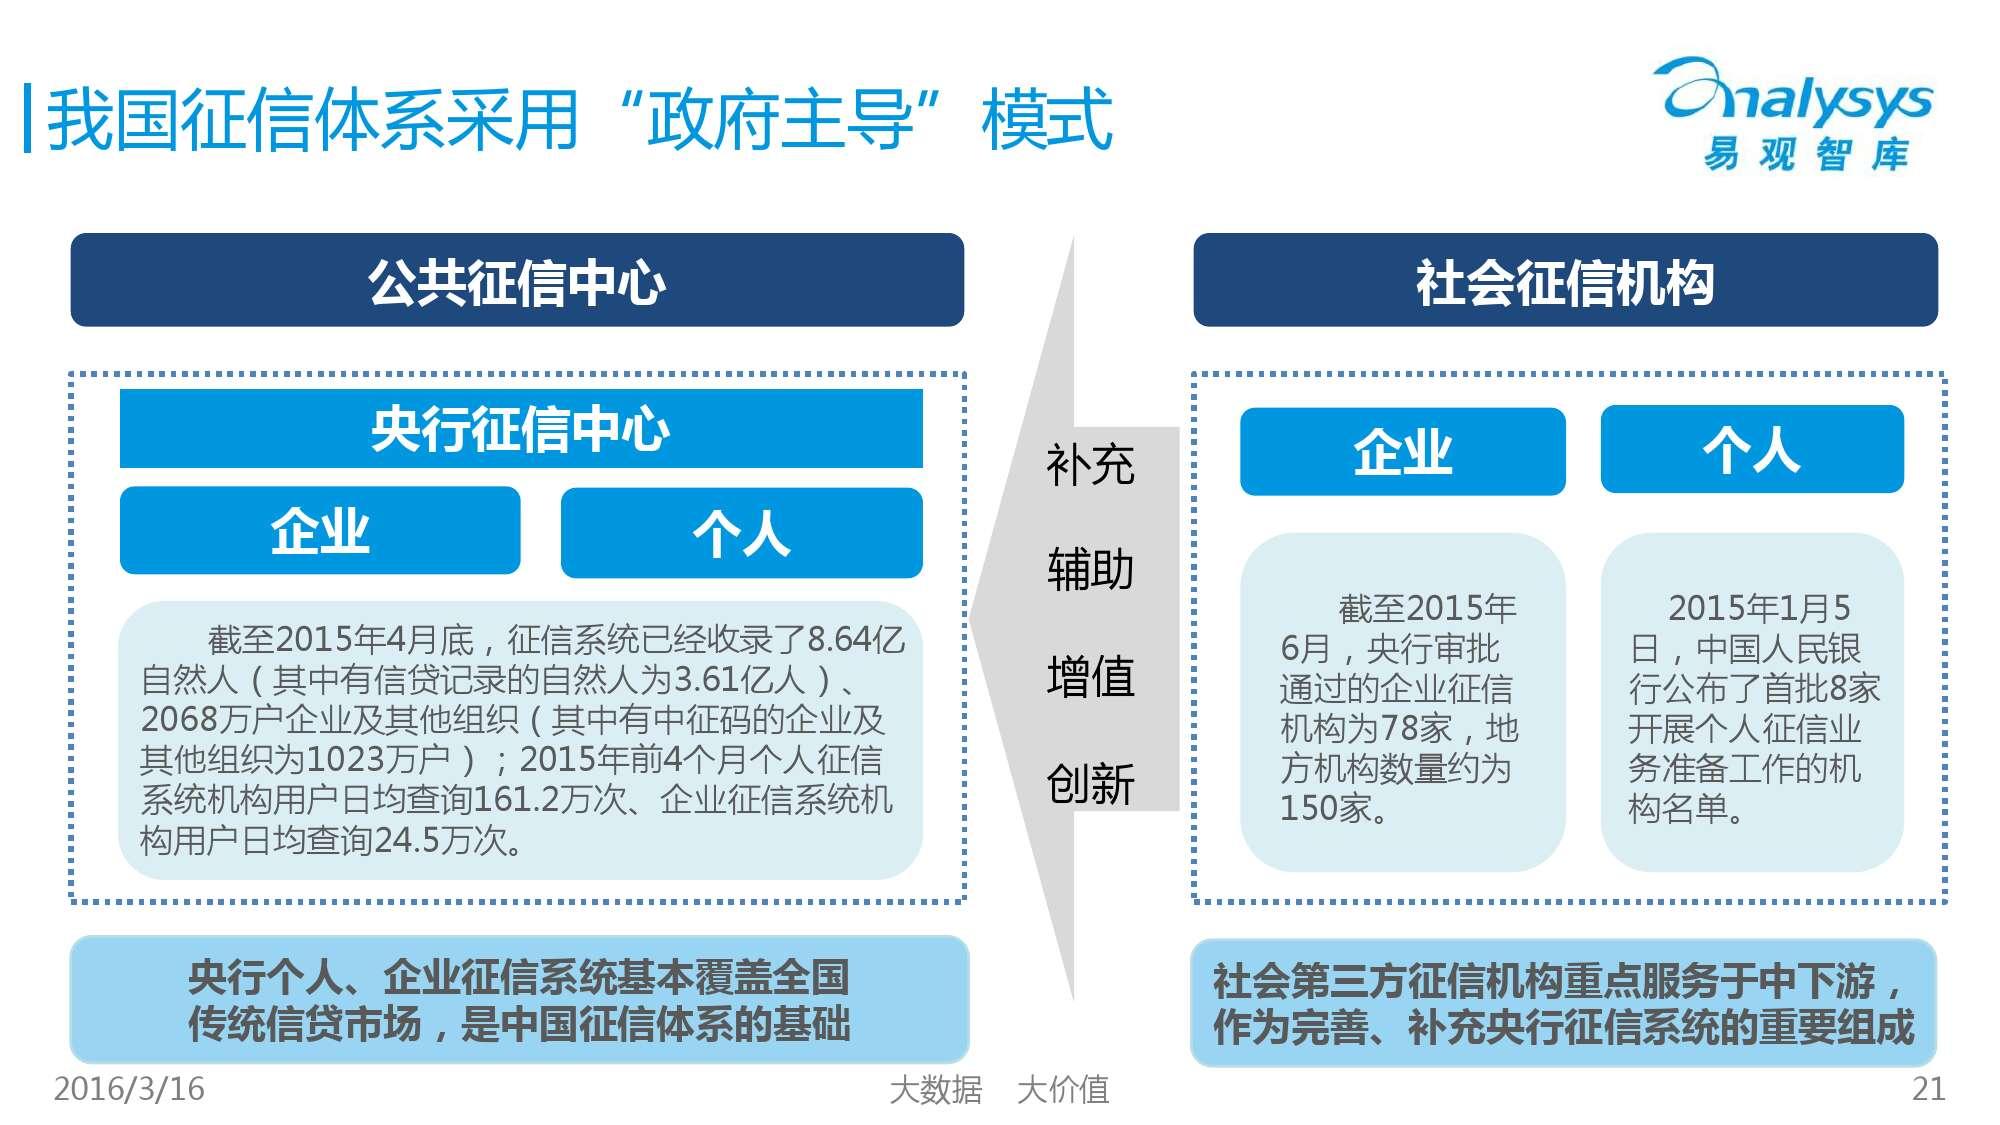 中国征信行业专题研究报告2016_000021